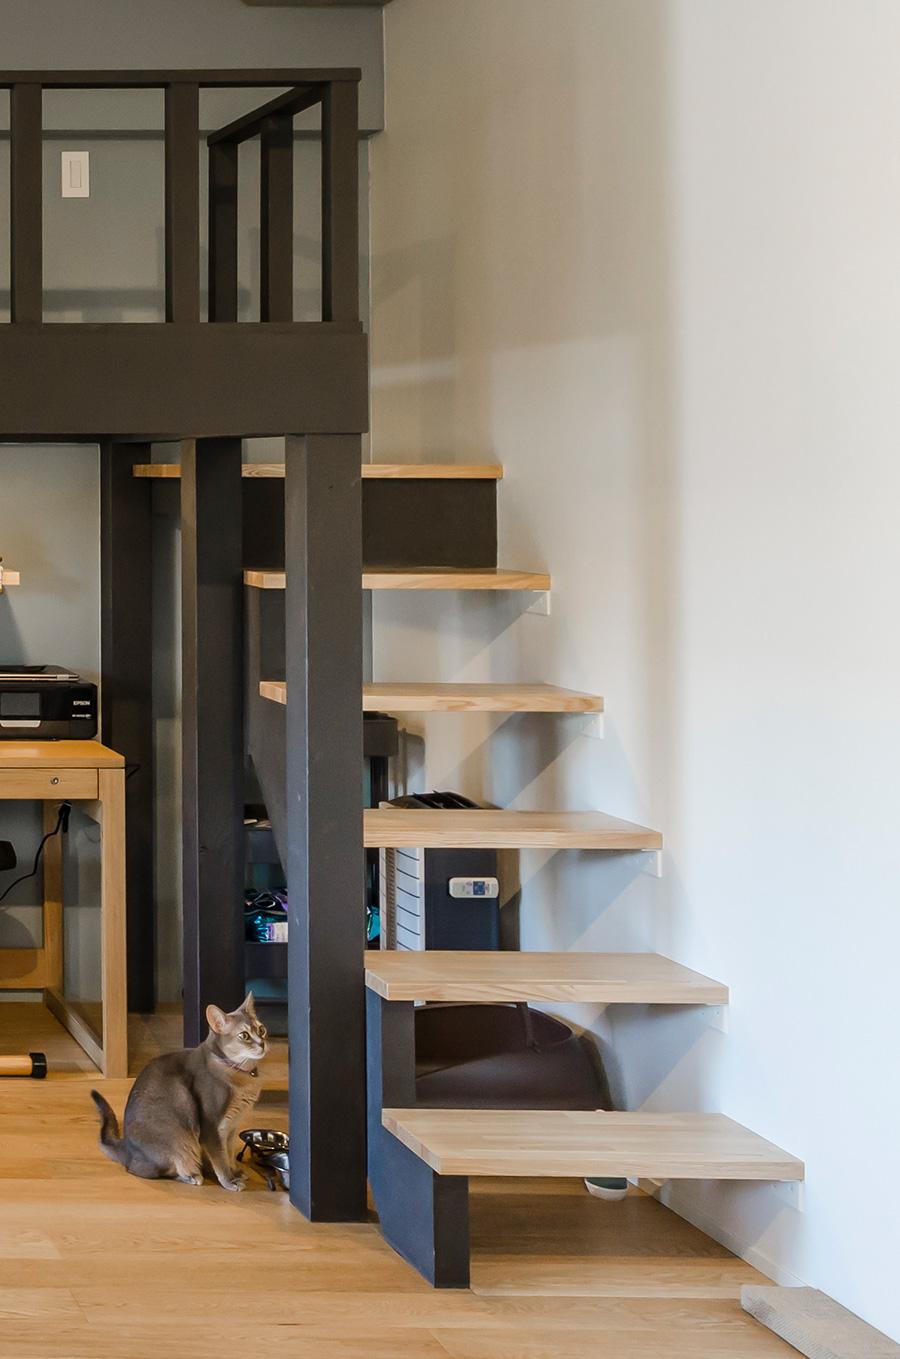 板が宙に浮かぶ片持ち階段をイメージ。